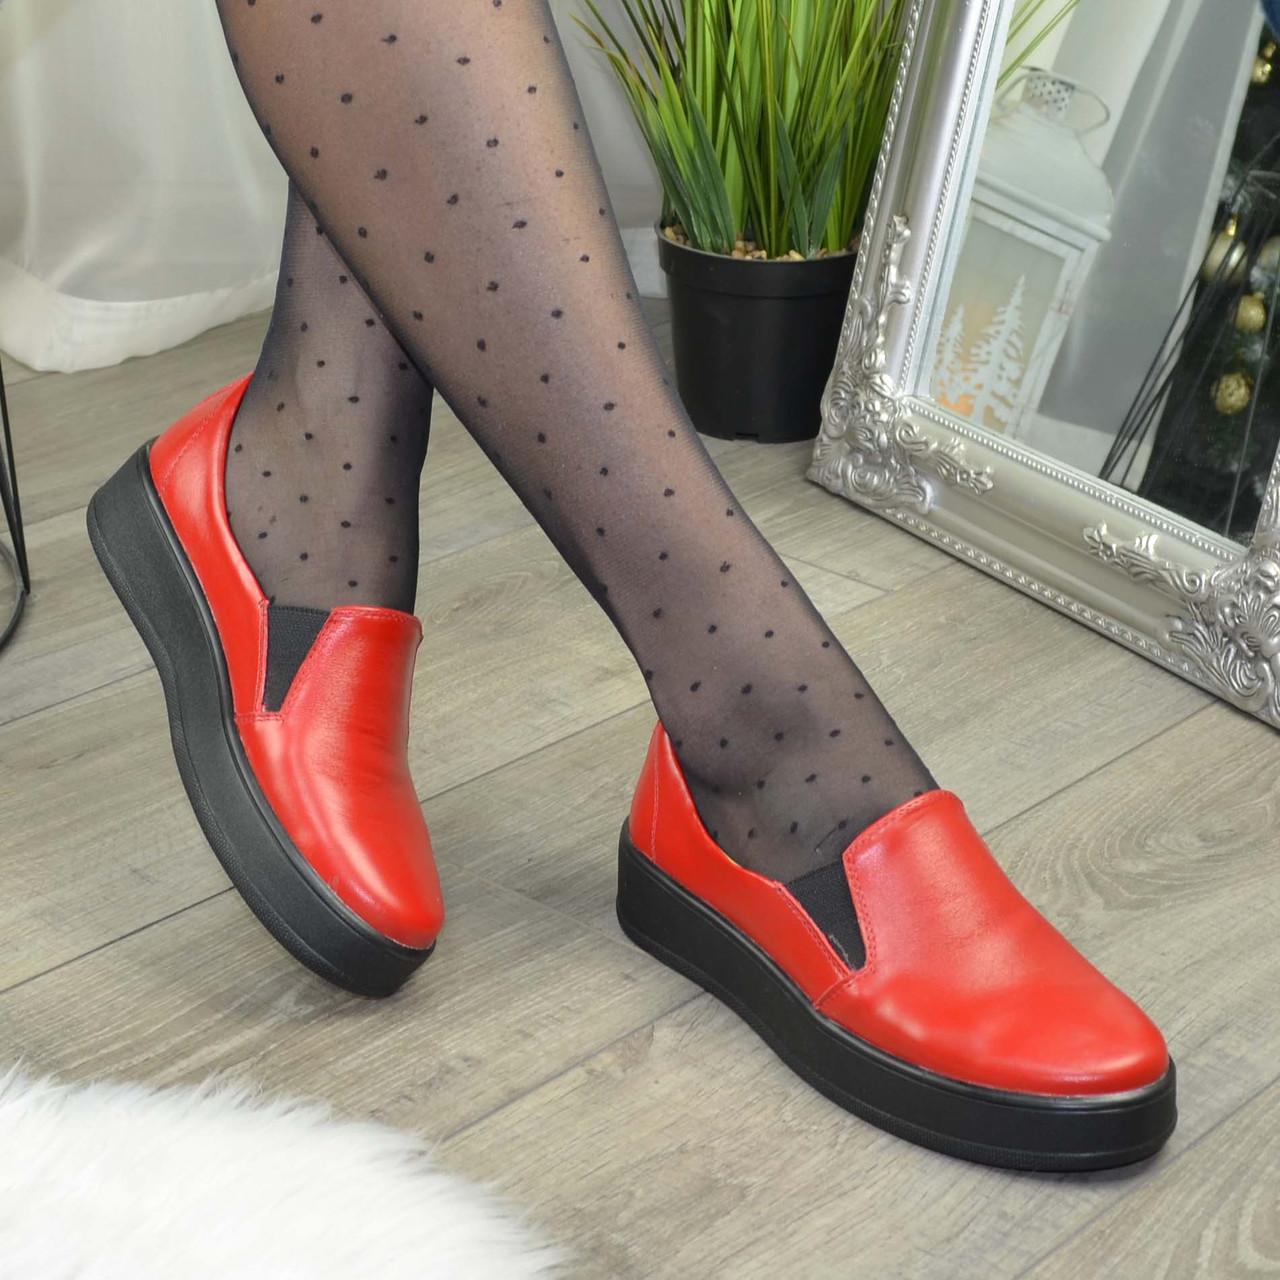 Туфлі жіночі з натуральної шкіри червоного кольору на товстій підошві